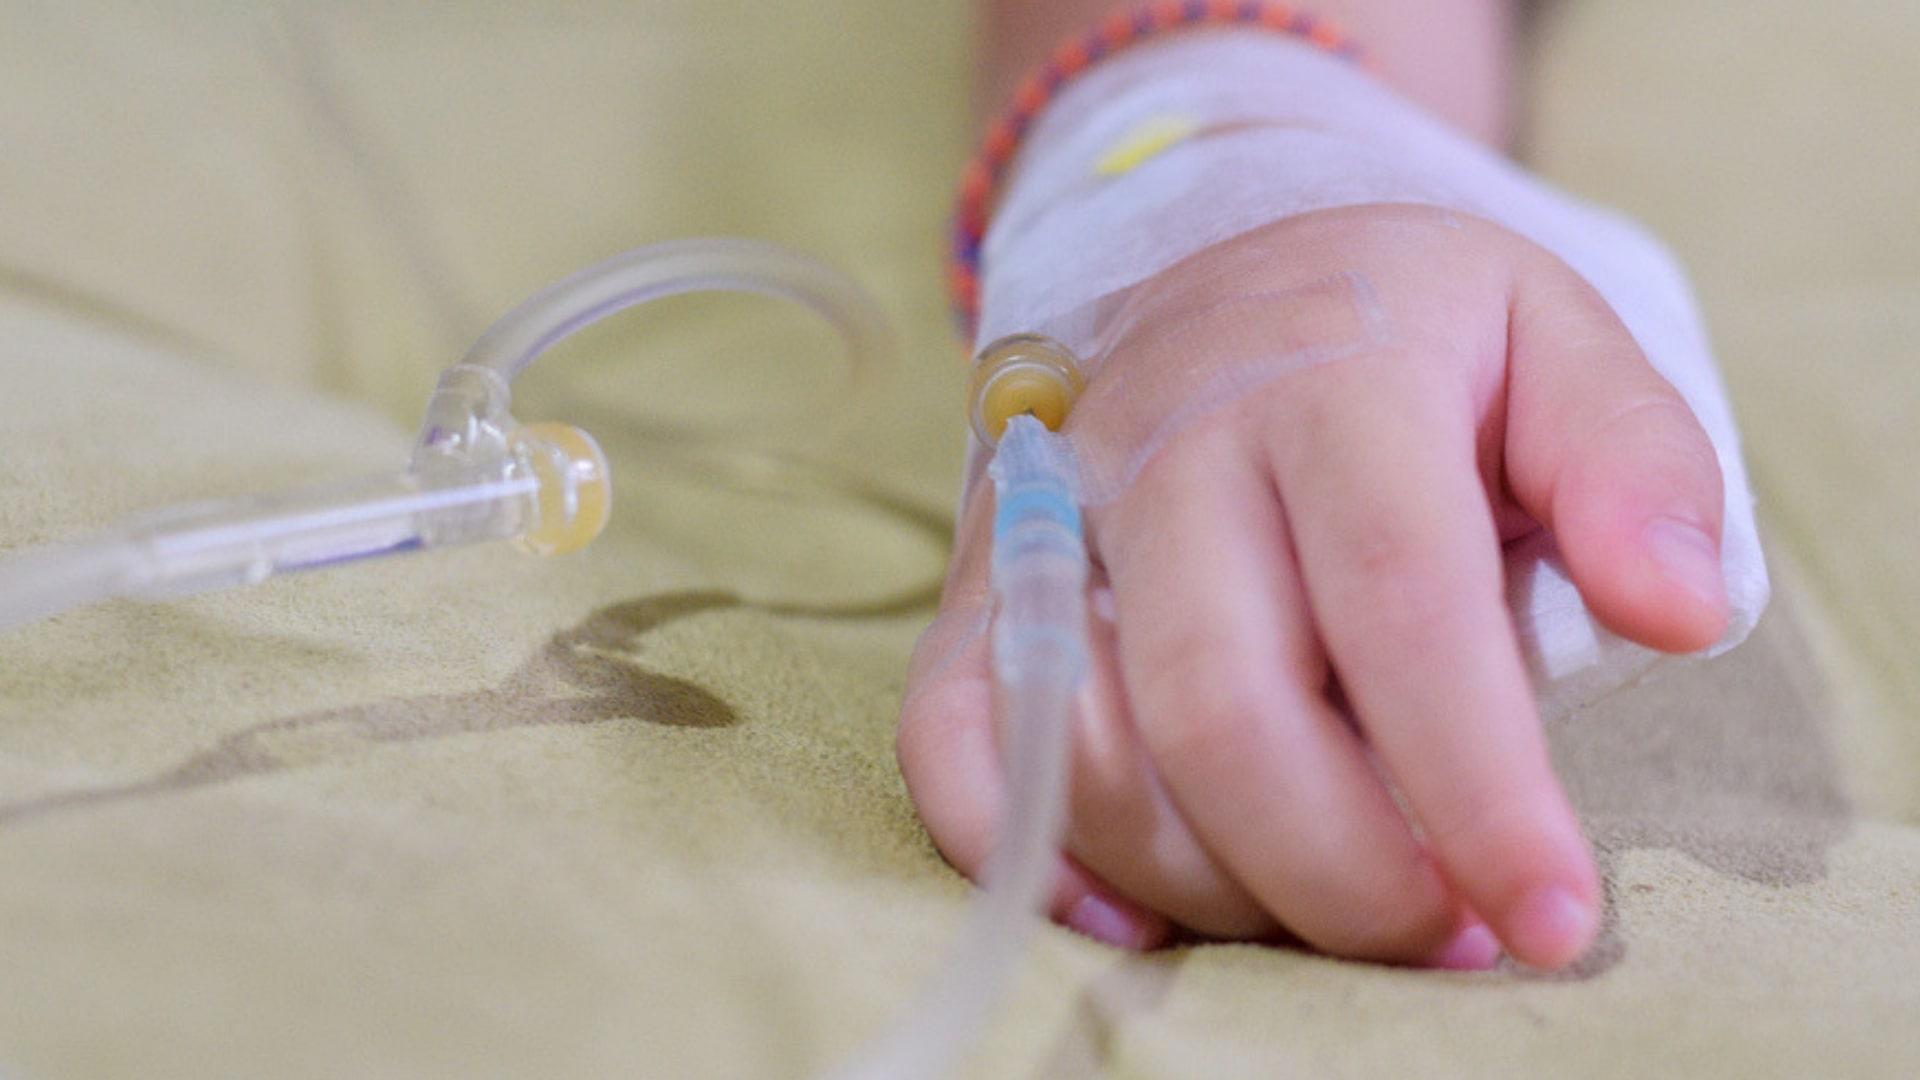 Babyhand mit Schlauch im Krankenhaus